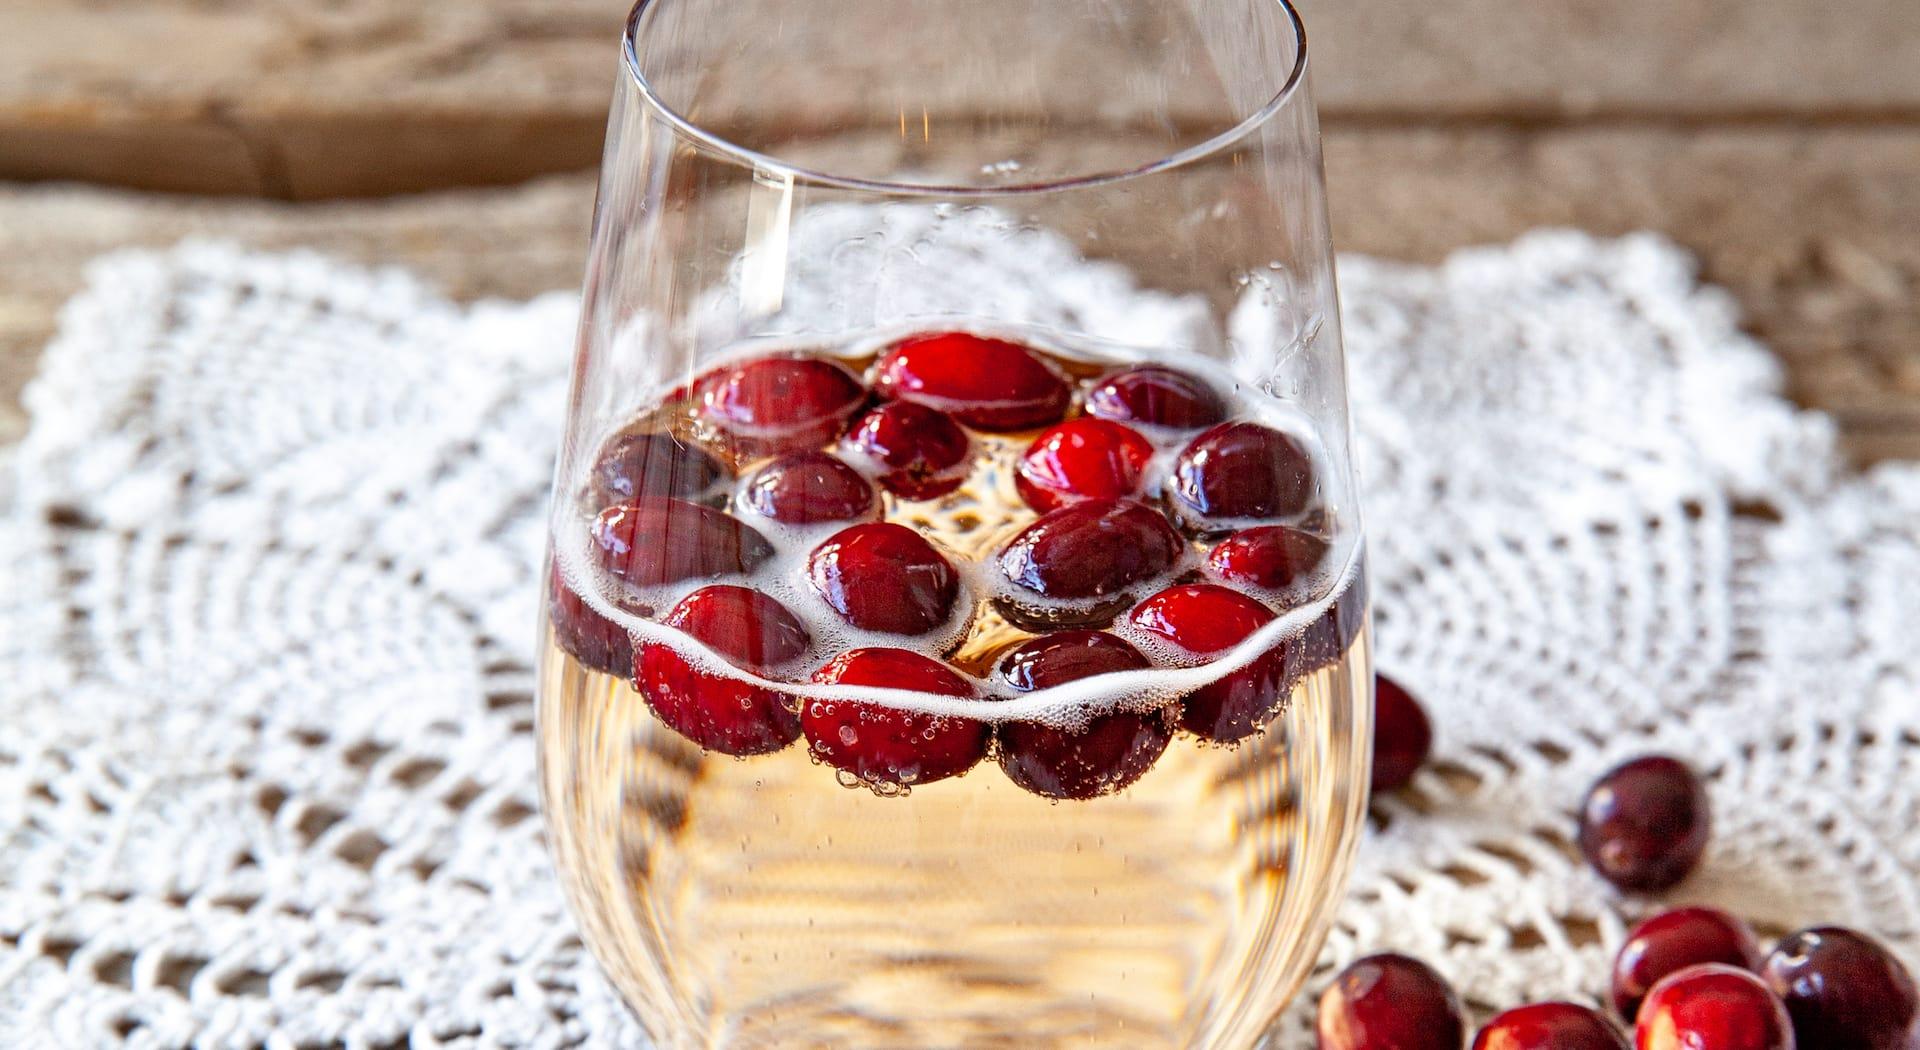 Northern Michigan sparkling wine